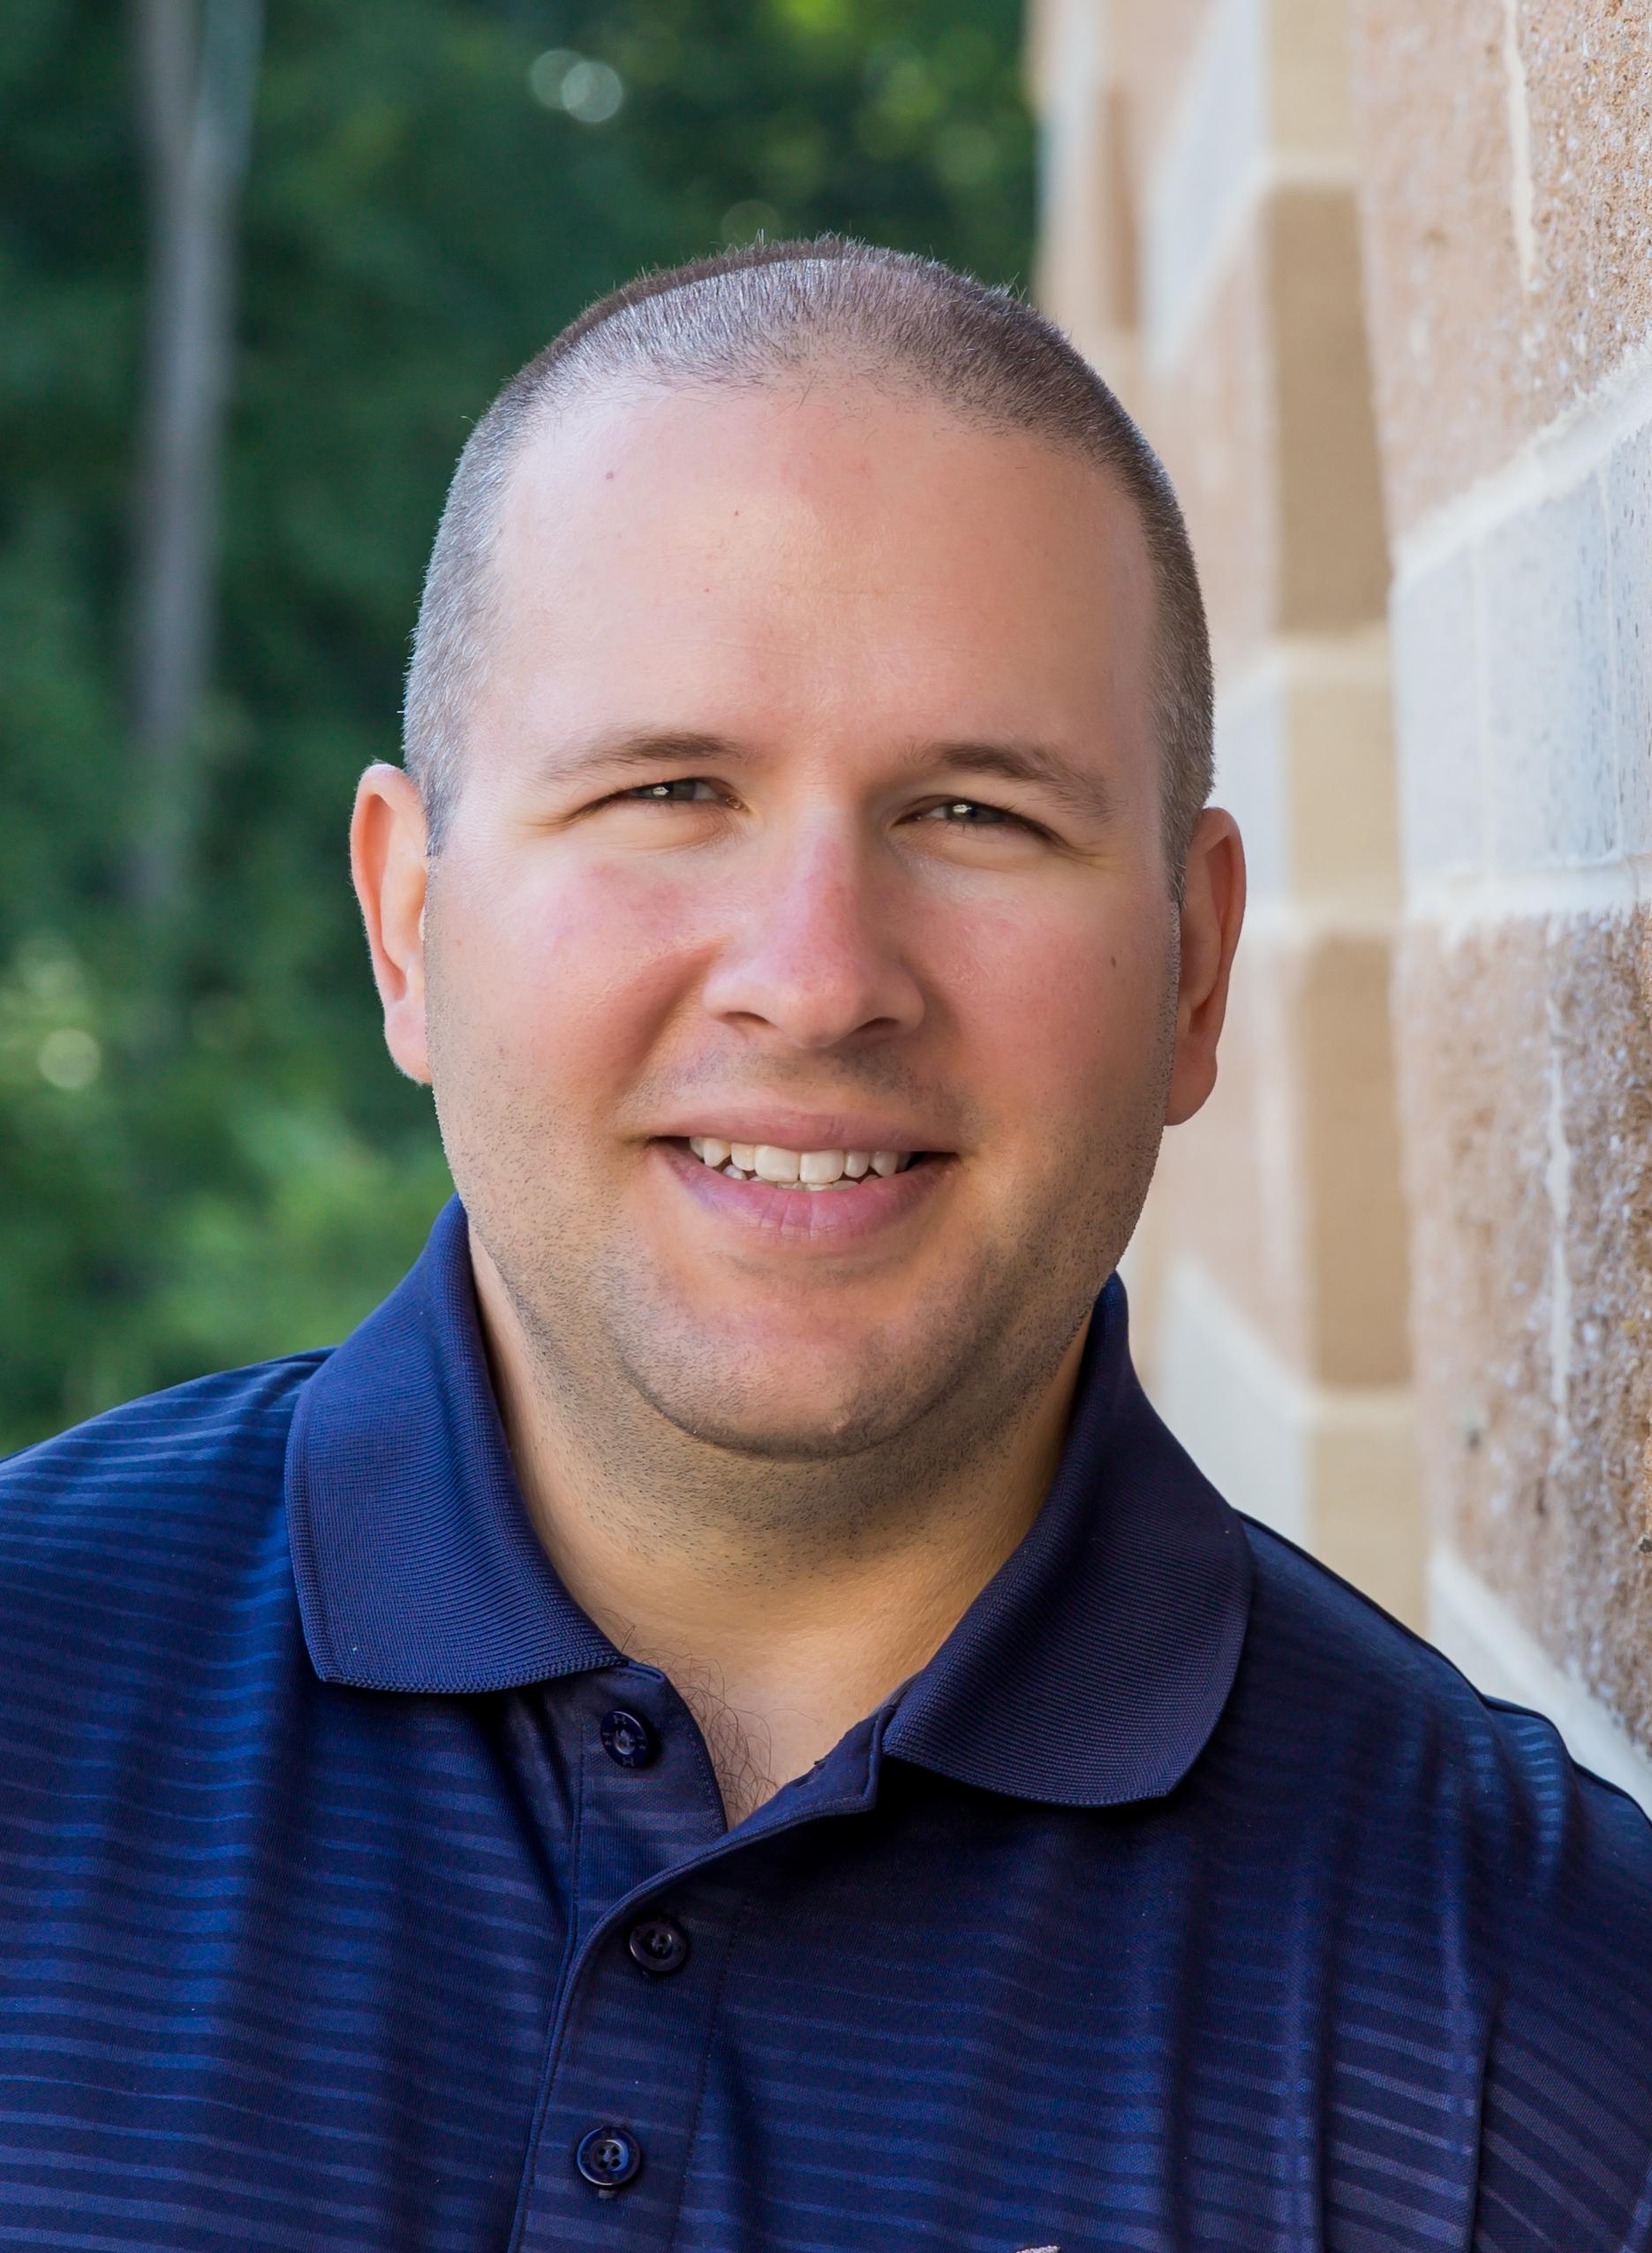 Headshot of Dr. Dan Filer